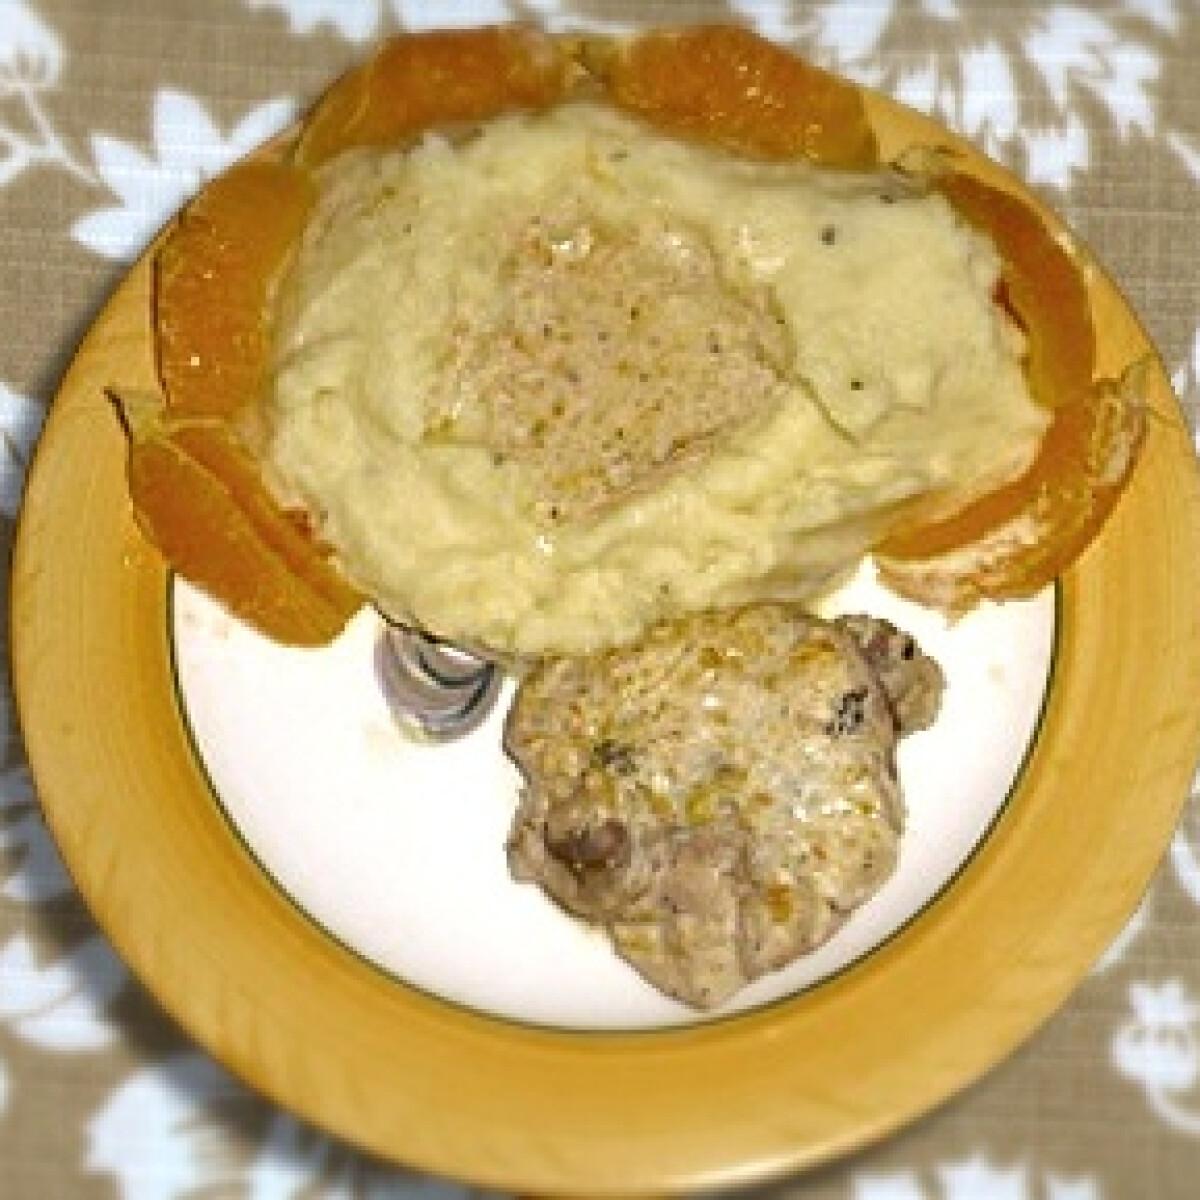 Ezen a képen: Narancsos csirke 2. - kakukkfüves burgonyapürével